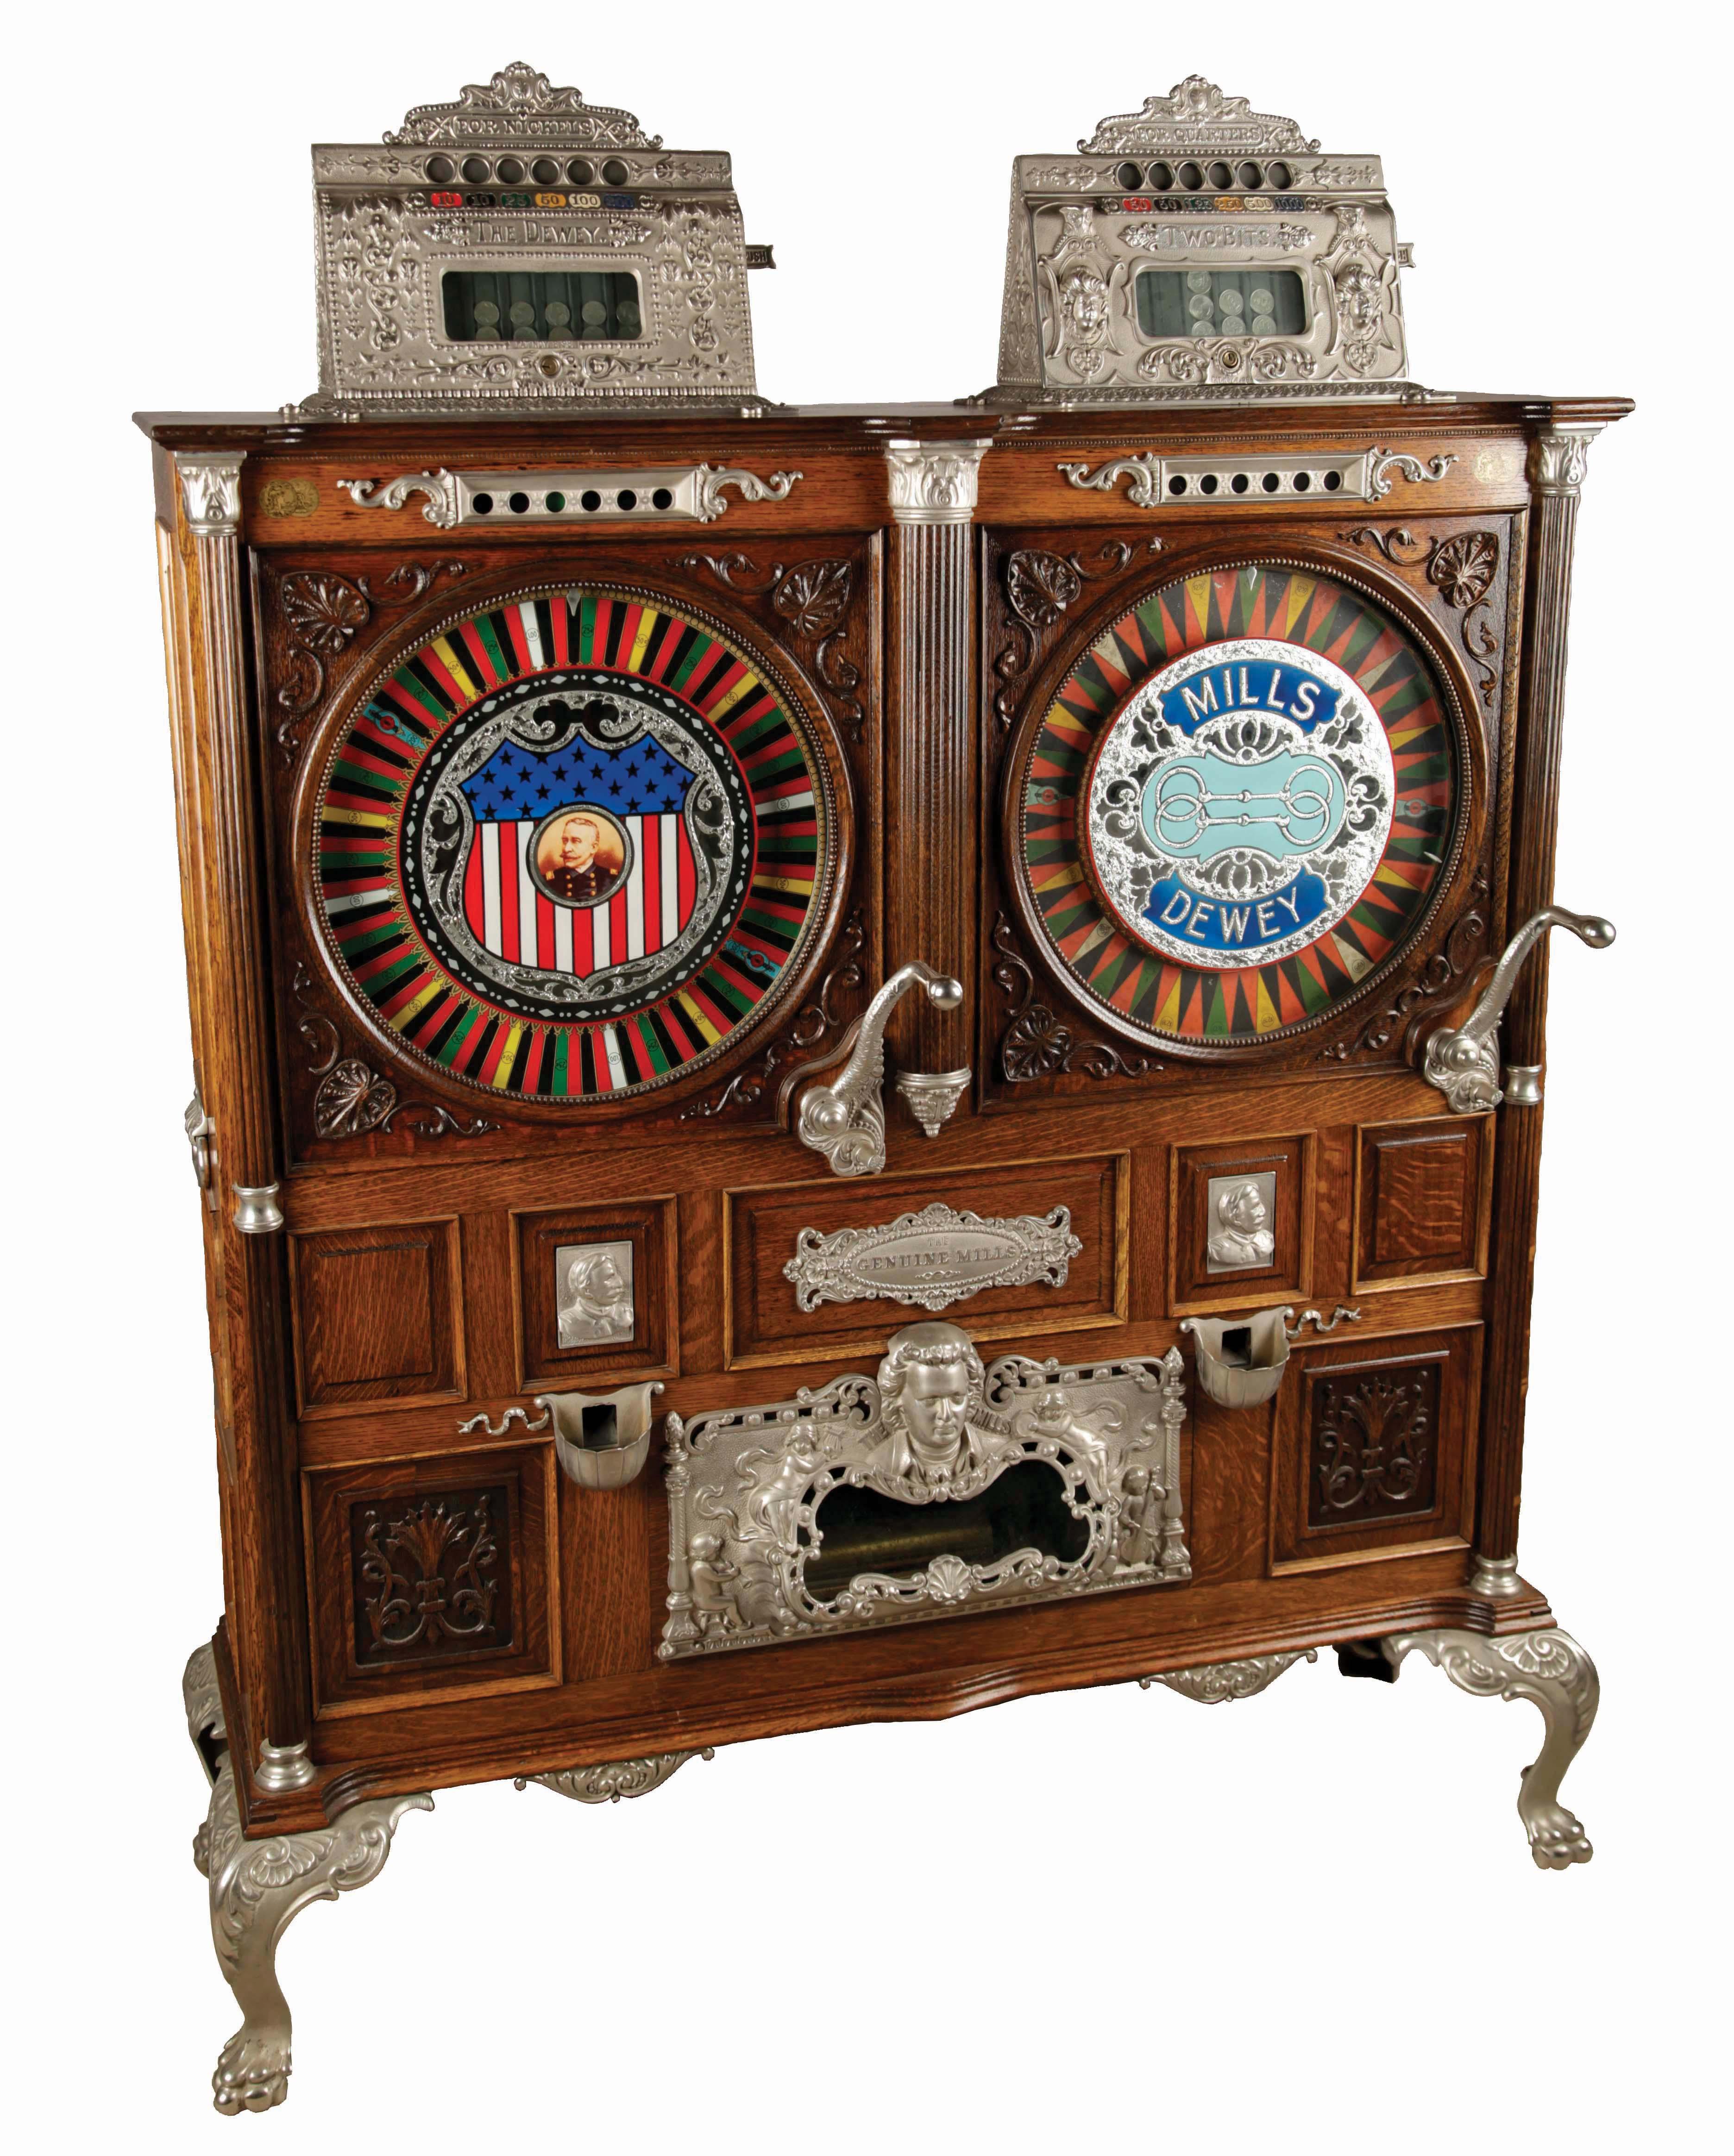 Myntdriven spelautomat tillverkad av Mills Novelty Company. Foto: Morphy Auctions.